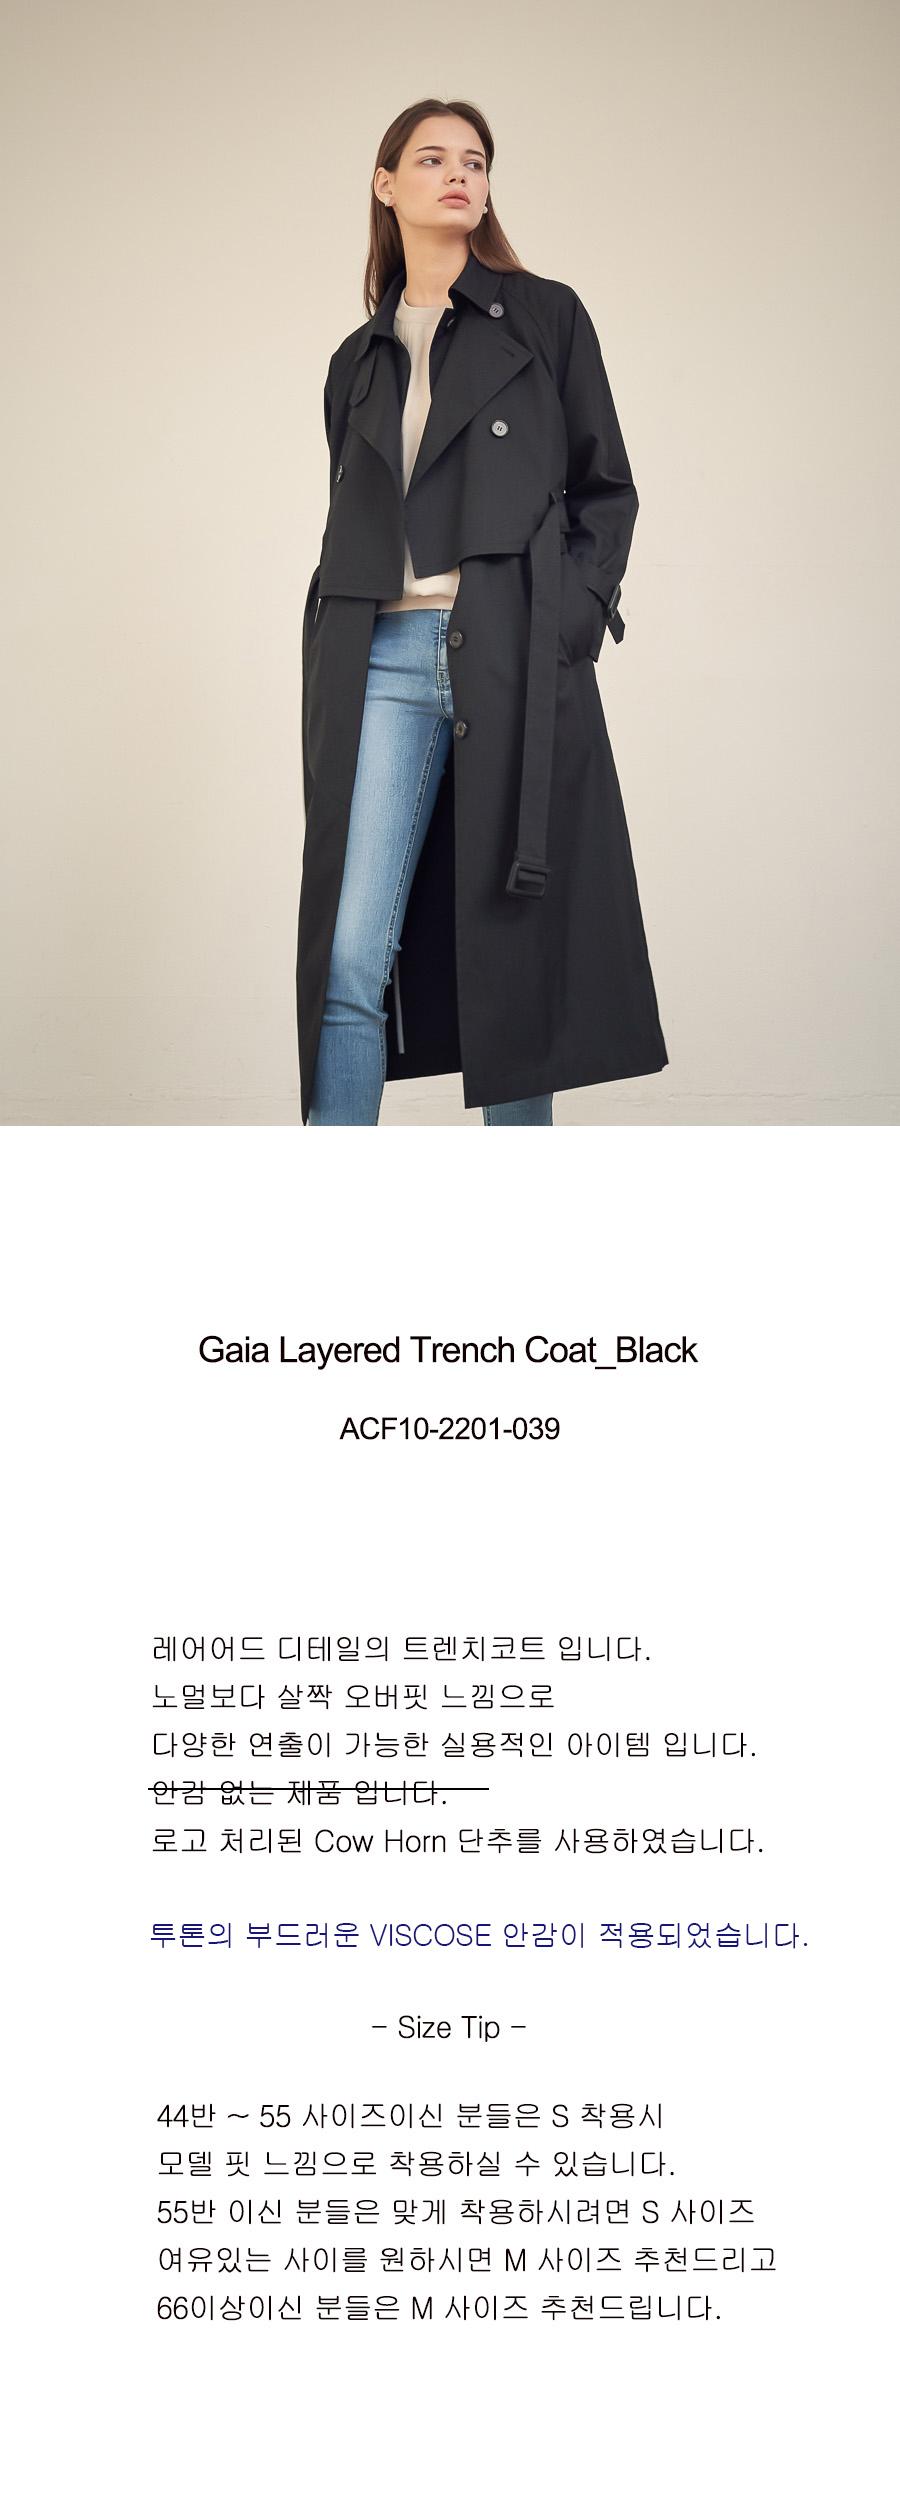 아쿠드(ACUD) Gaia Layered Trench Coat_Black